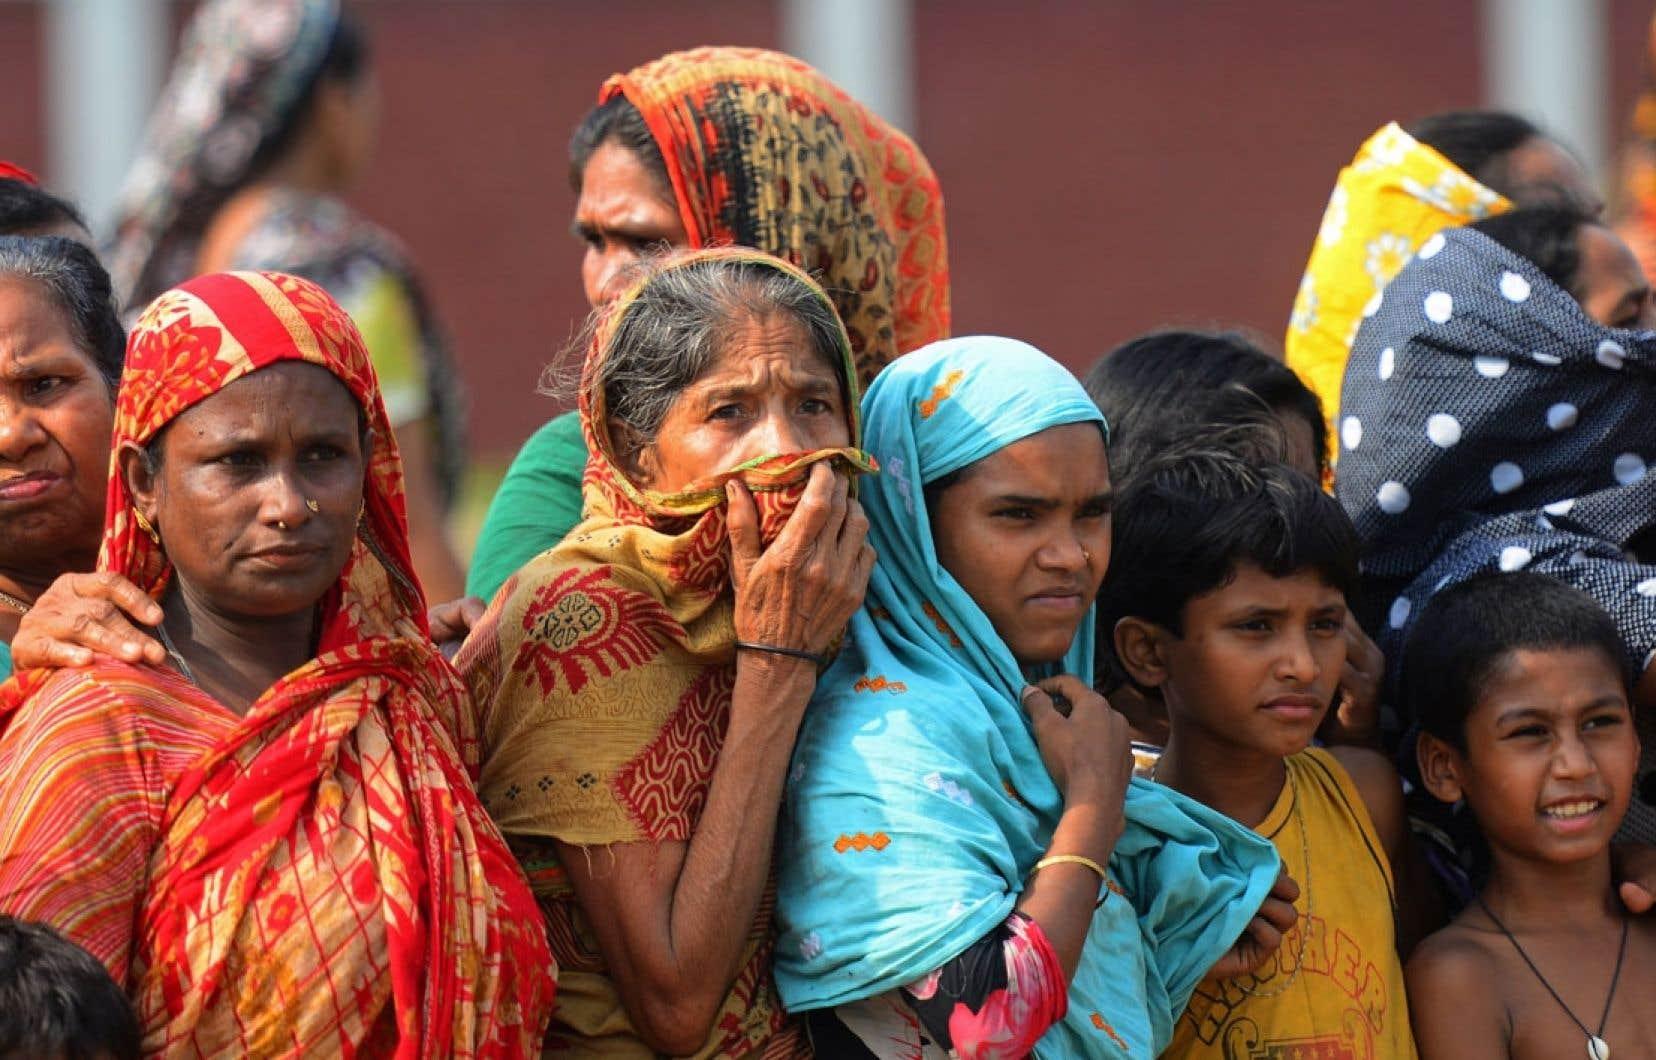 <div> Des travailleuses assistent aux funérailles de collègues mortes dans l'effondrement de l'édifice Rana Plaza, au Bangladesh.</div>